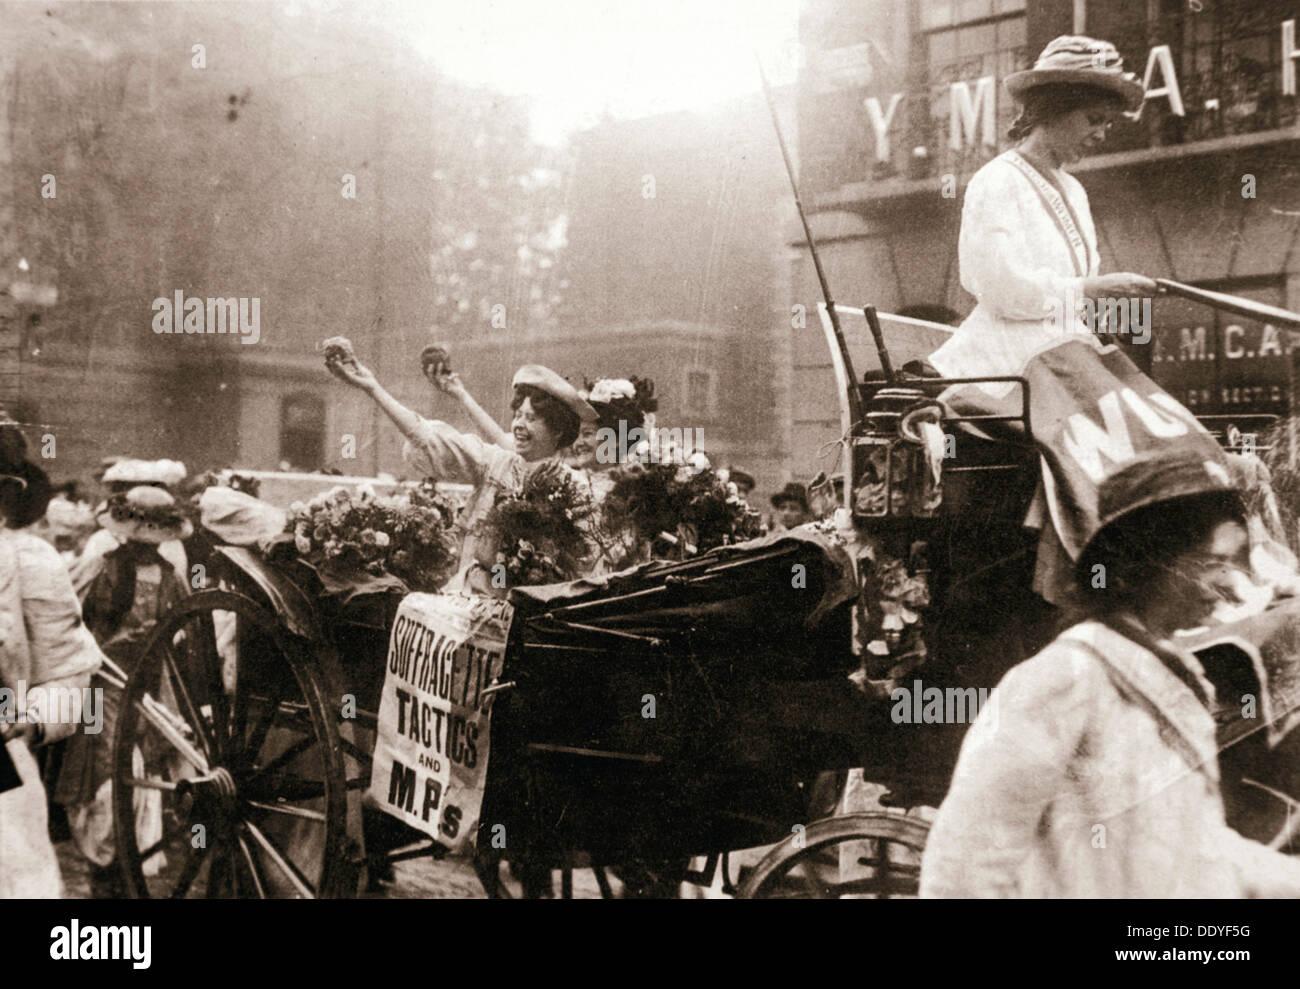 Deux suffragettes, célébrer leur libération de la prison de Holloway, à Londres, le 22 août 1908. Artiste: Inconnu Photo Stock